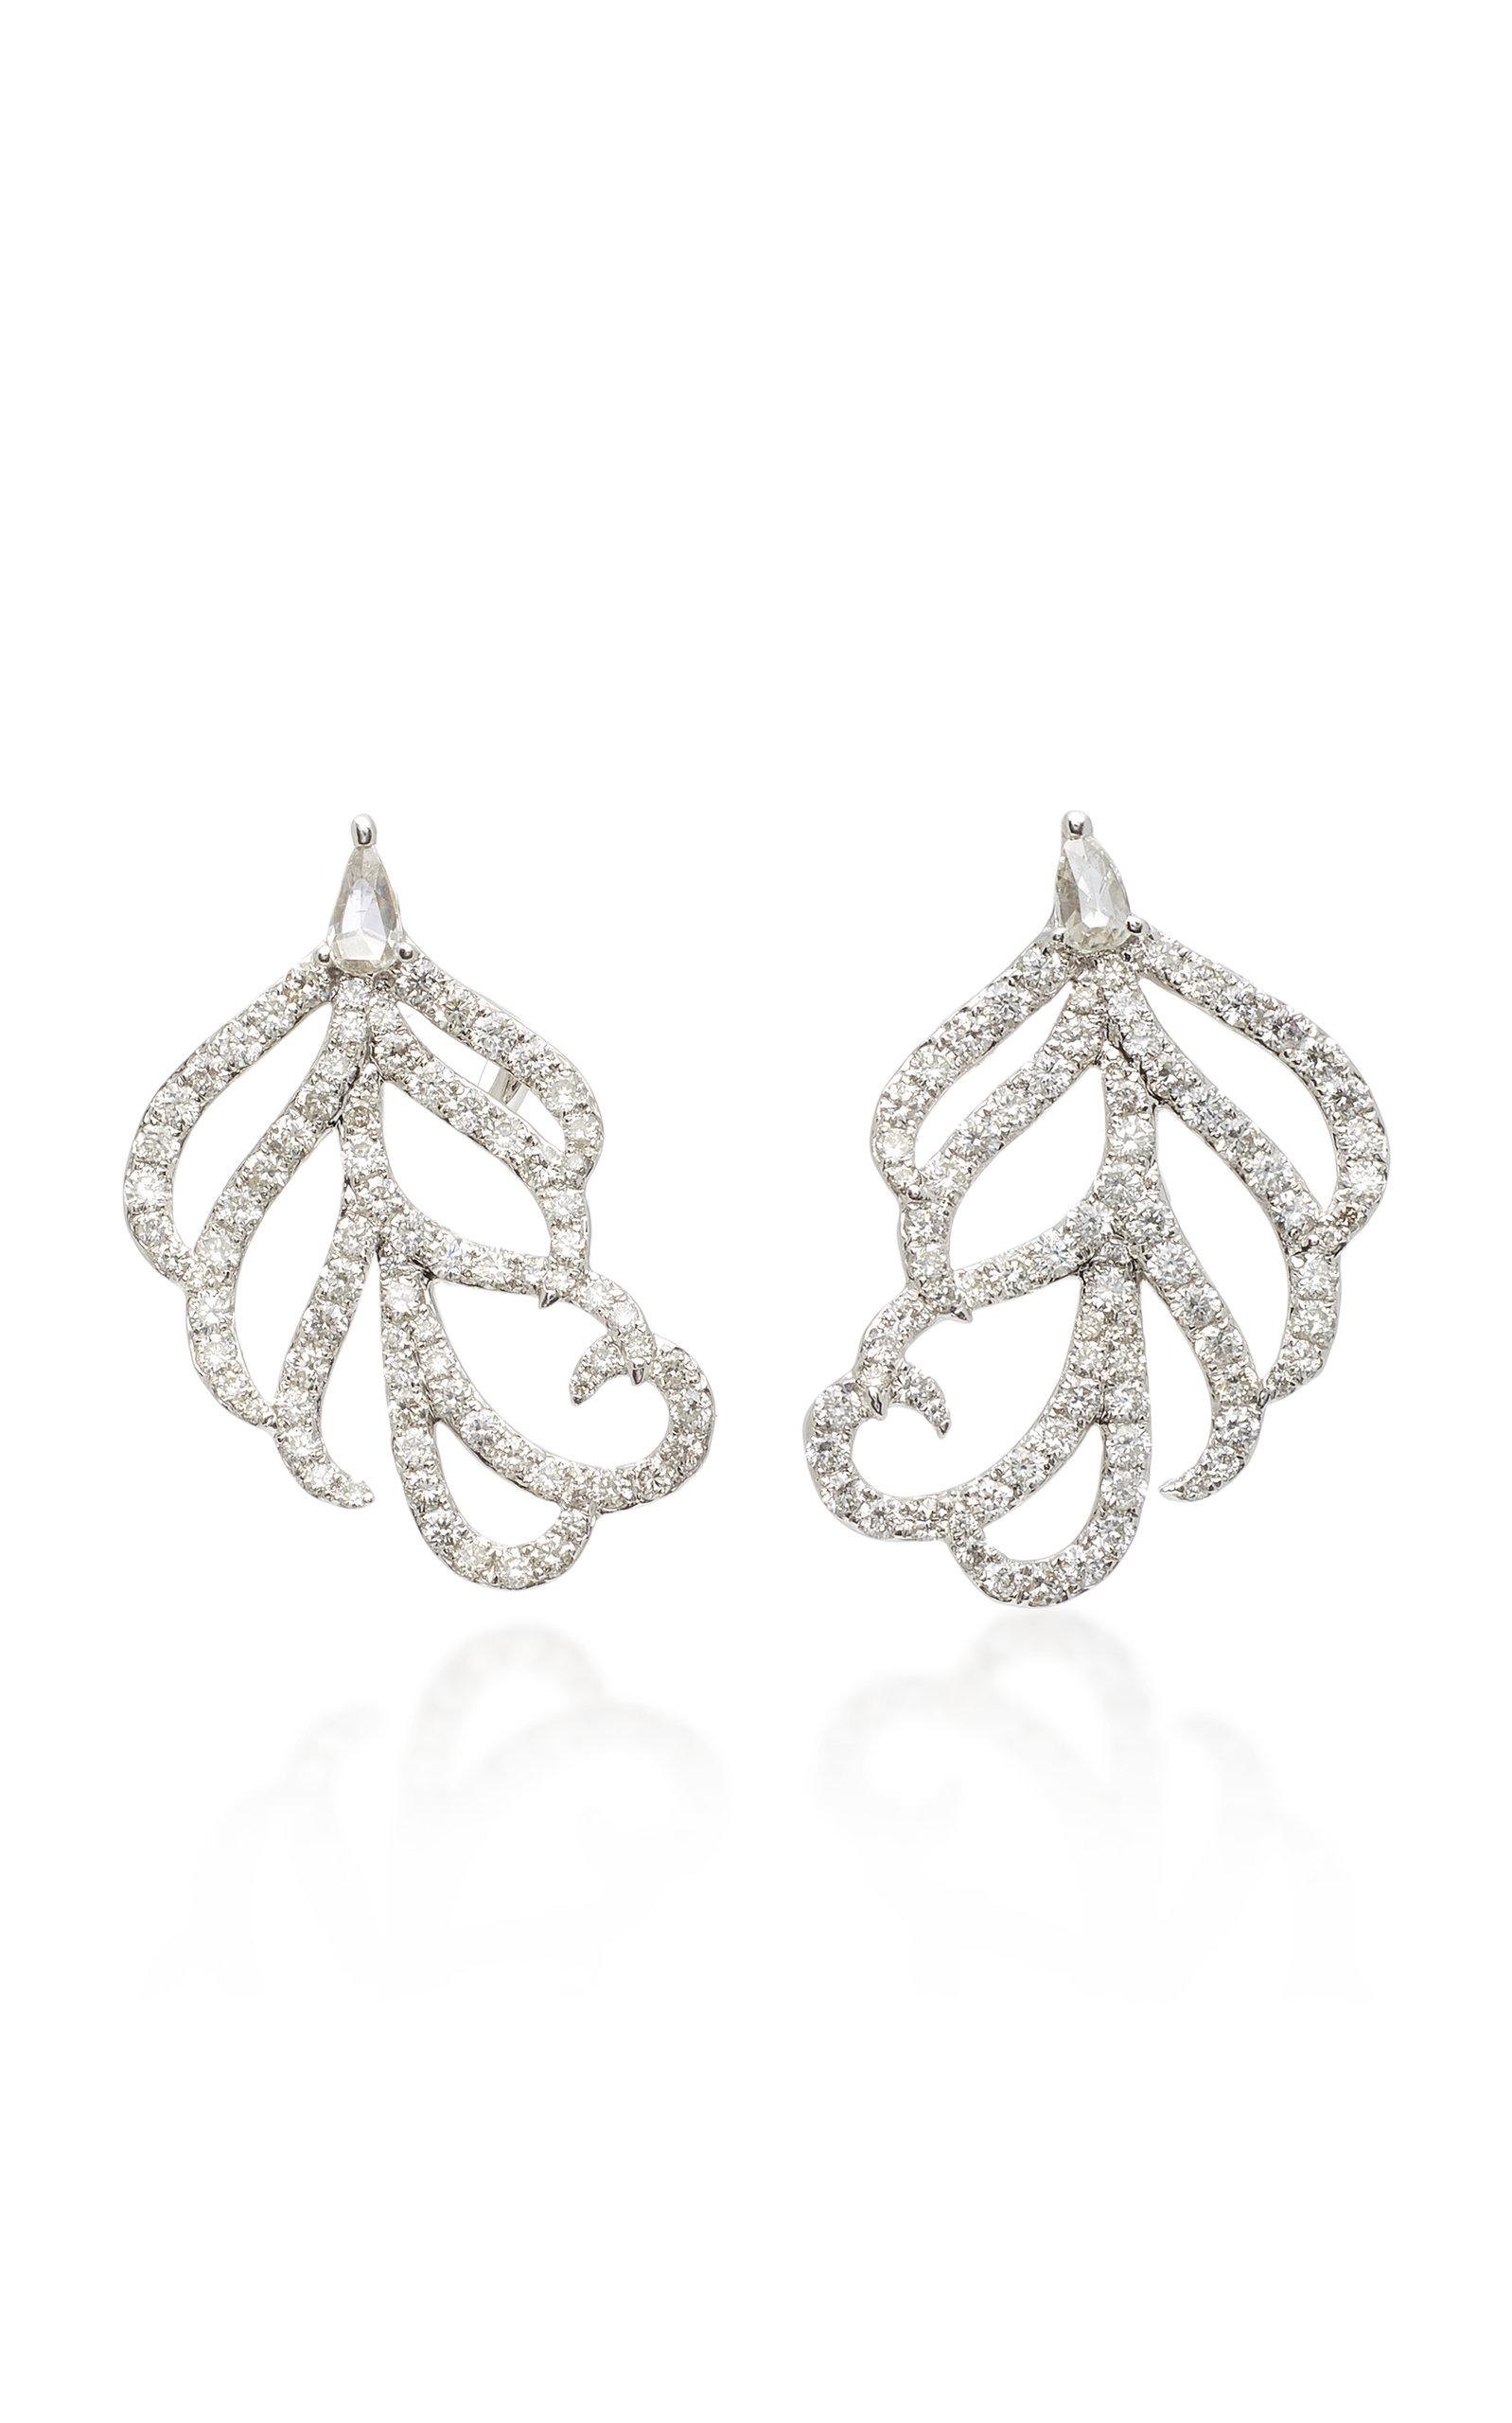 SUTRA 18K White Gold Diamond Earrings